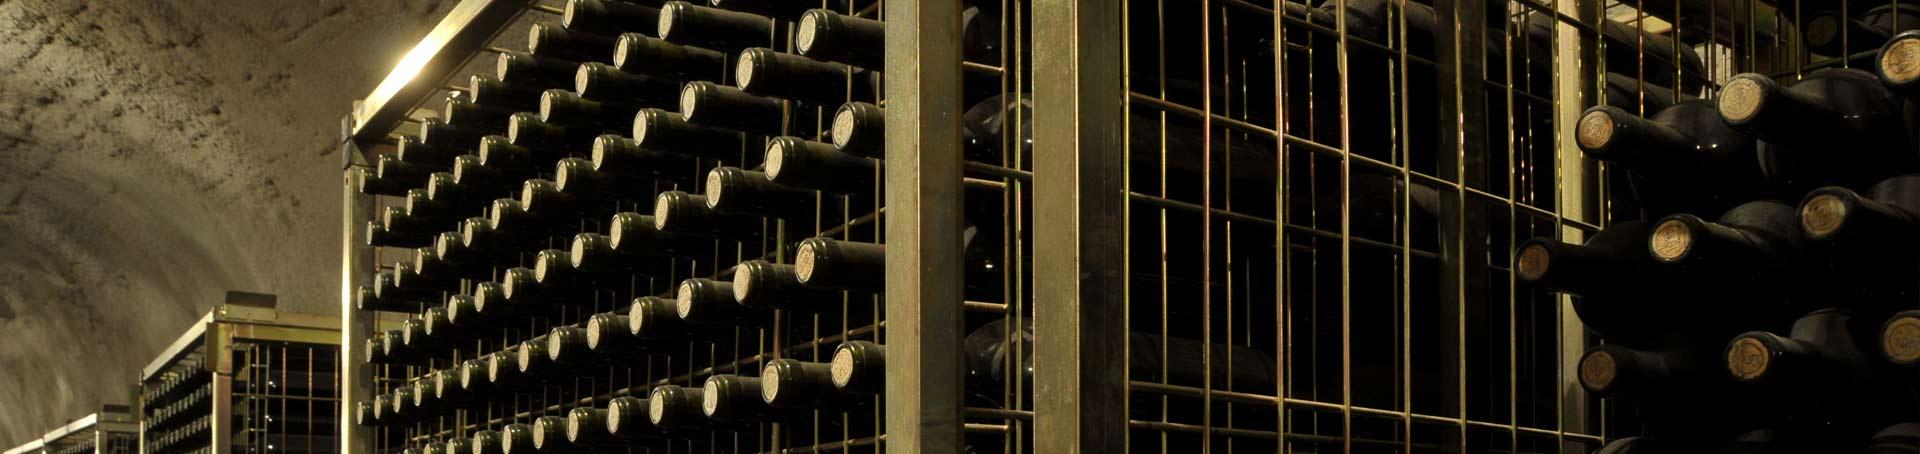 Botellas conservándose en casa en un ambiente húmedo y sin ruido